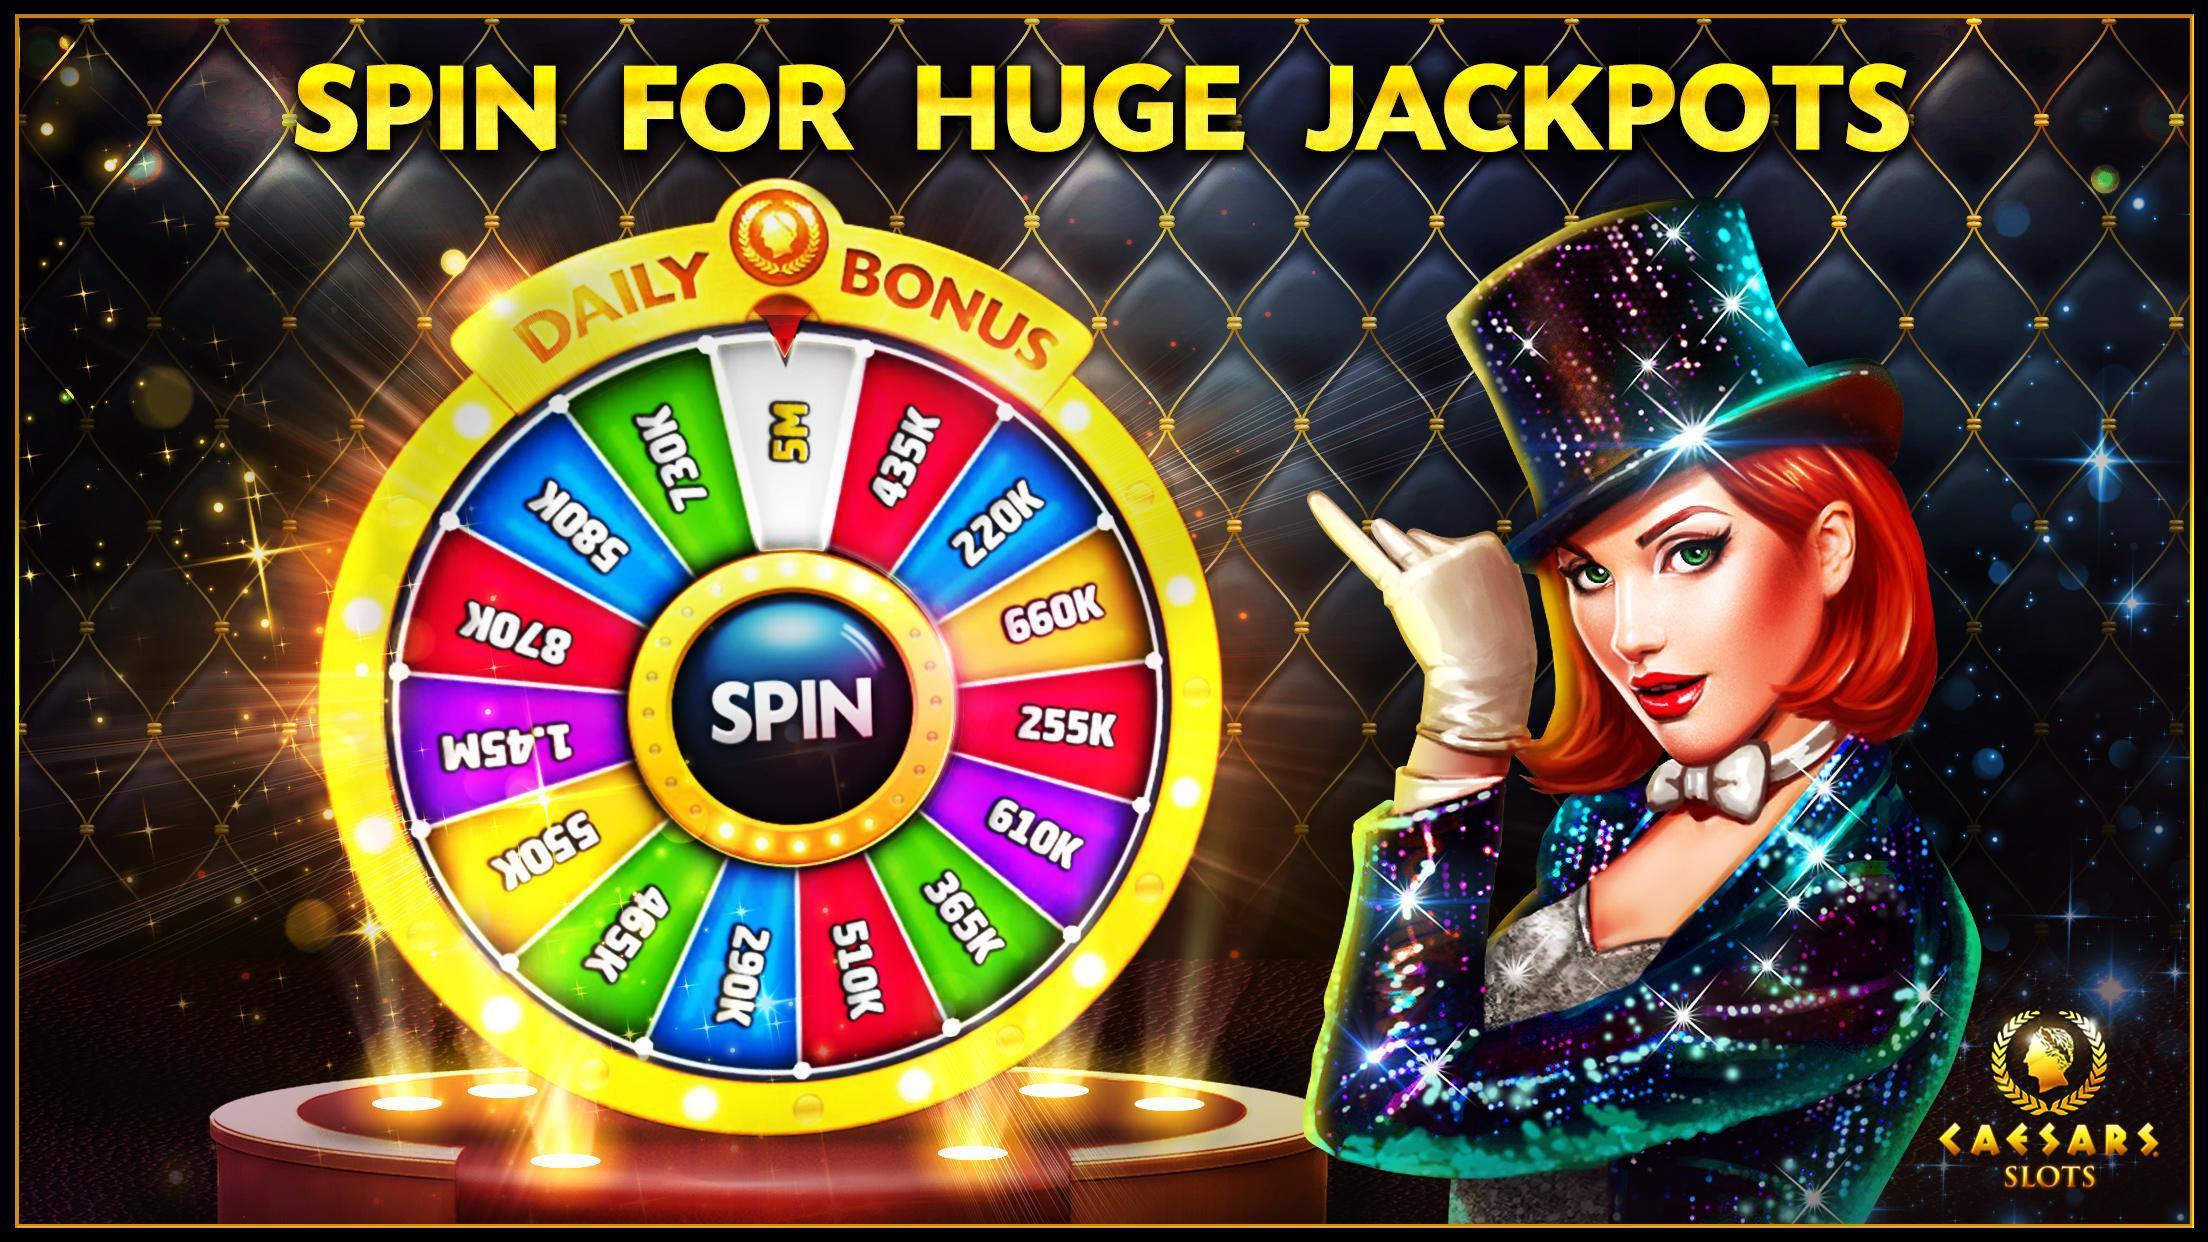 King бонус казино